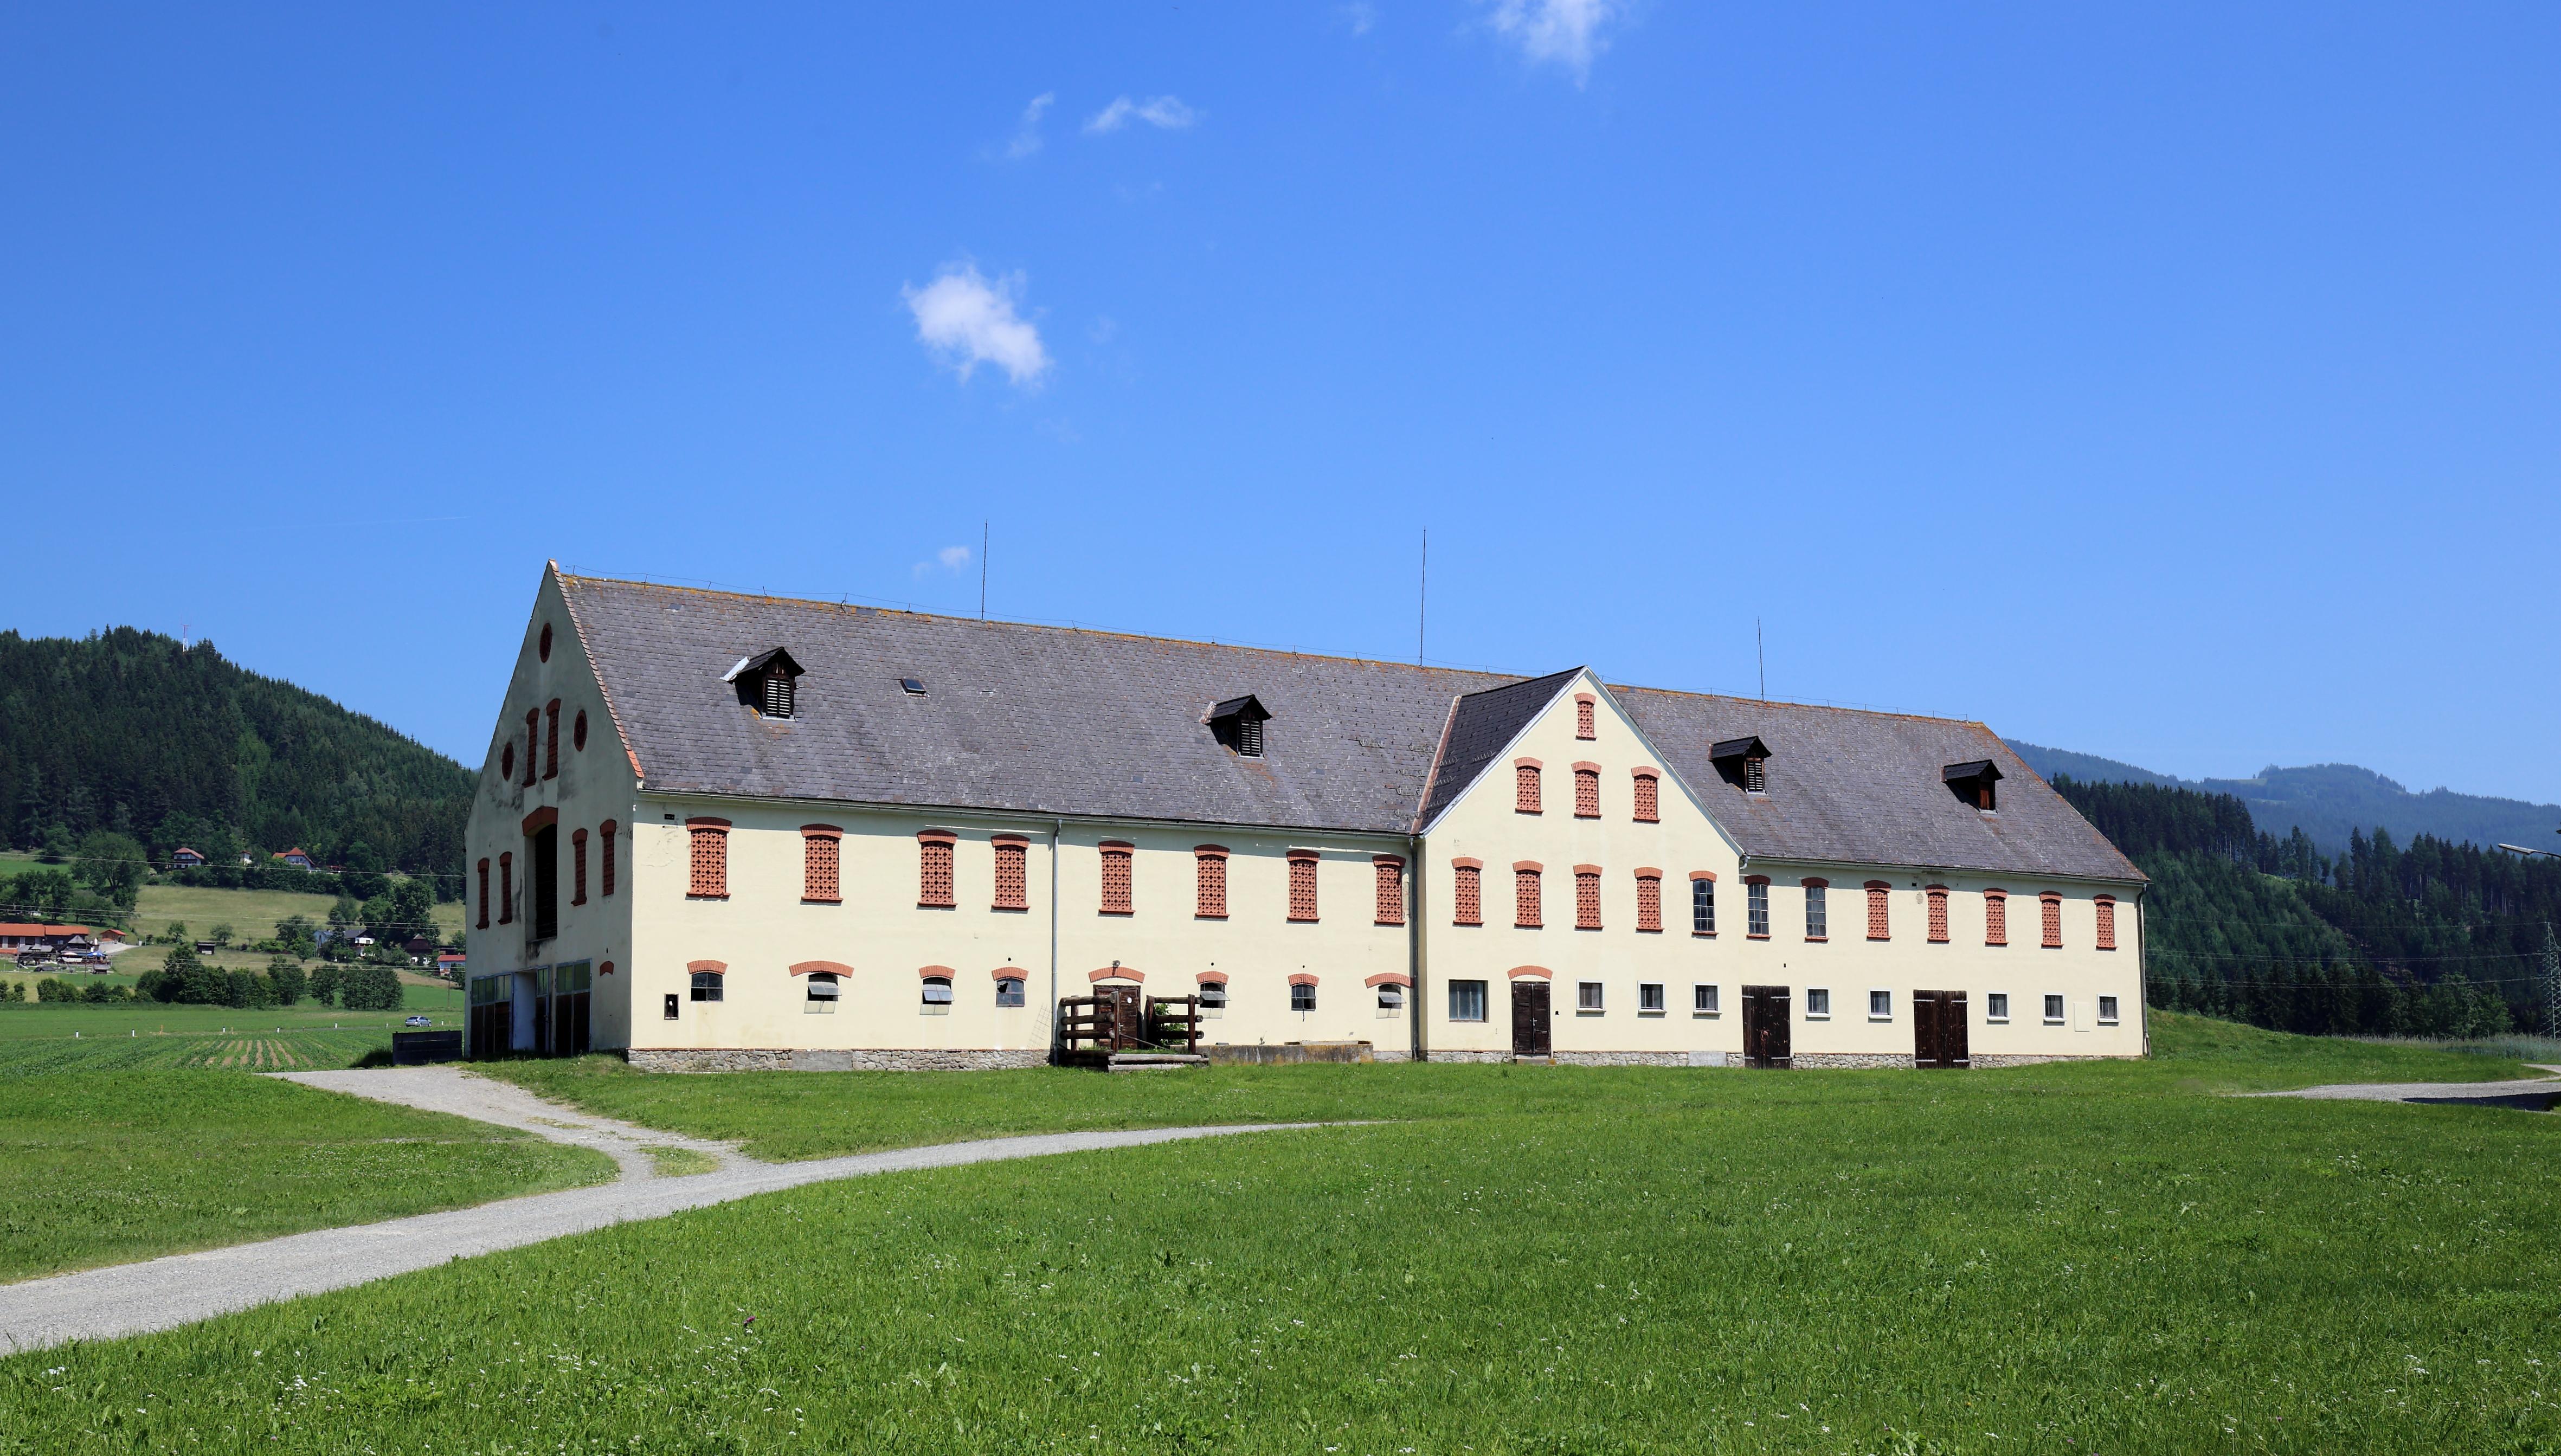 St. Marein - Feistritz